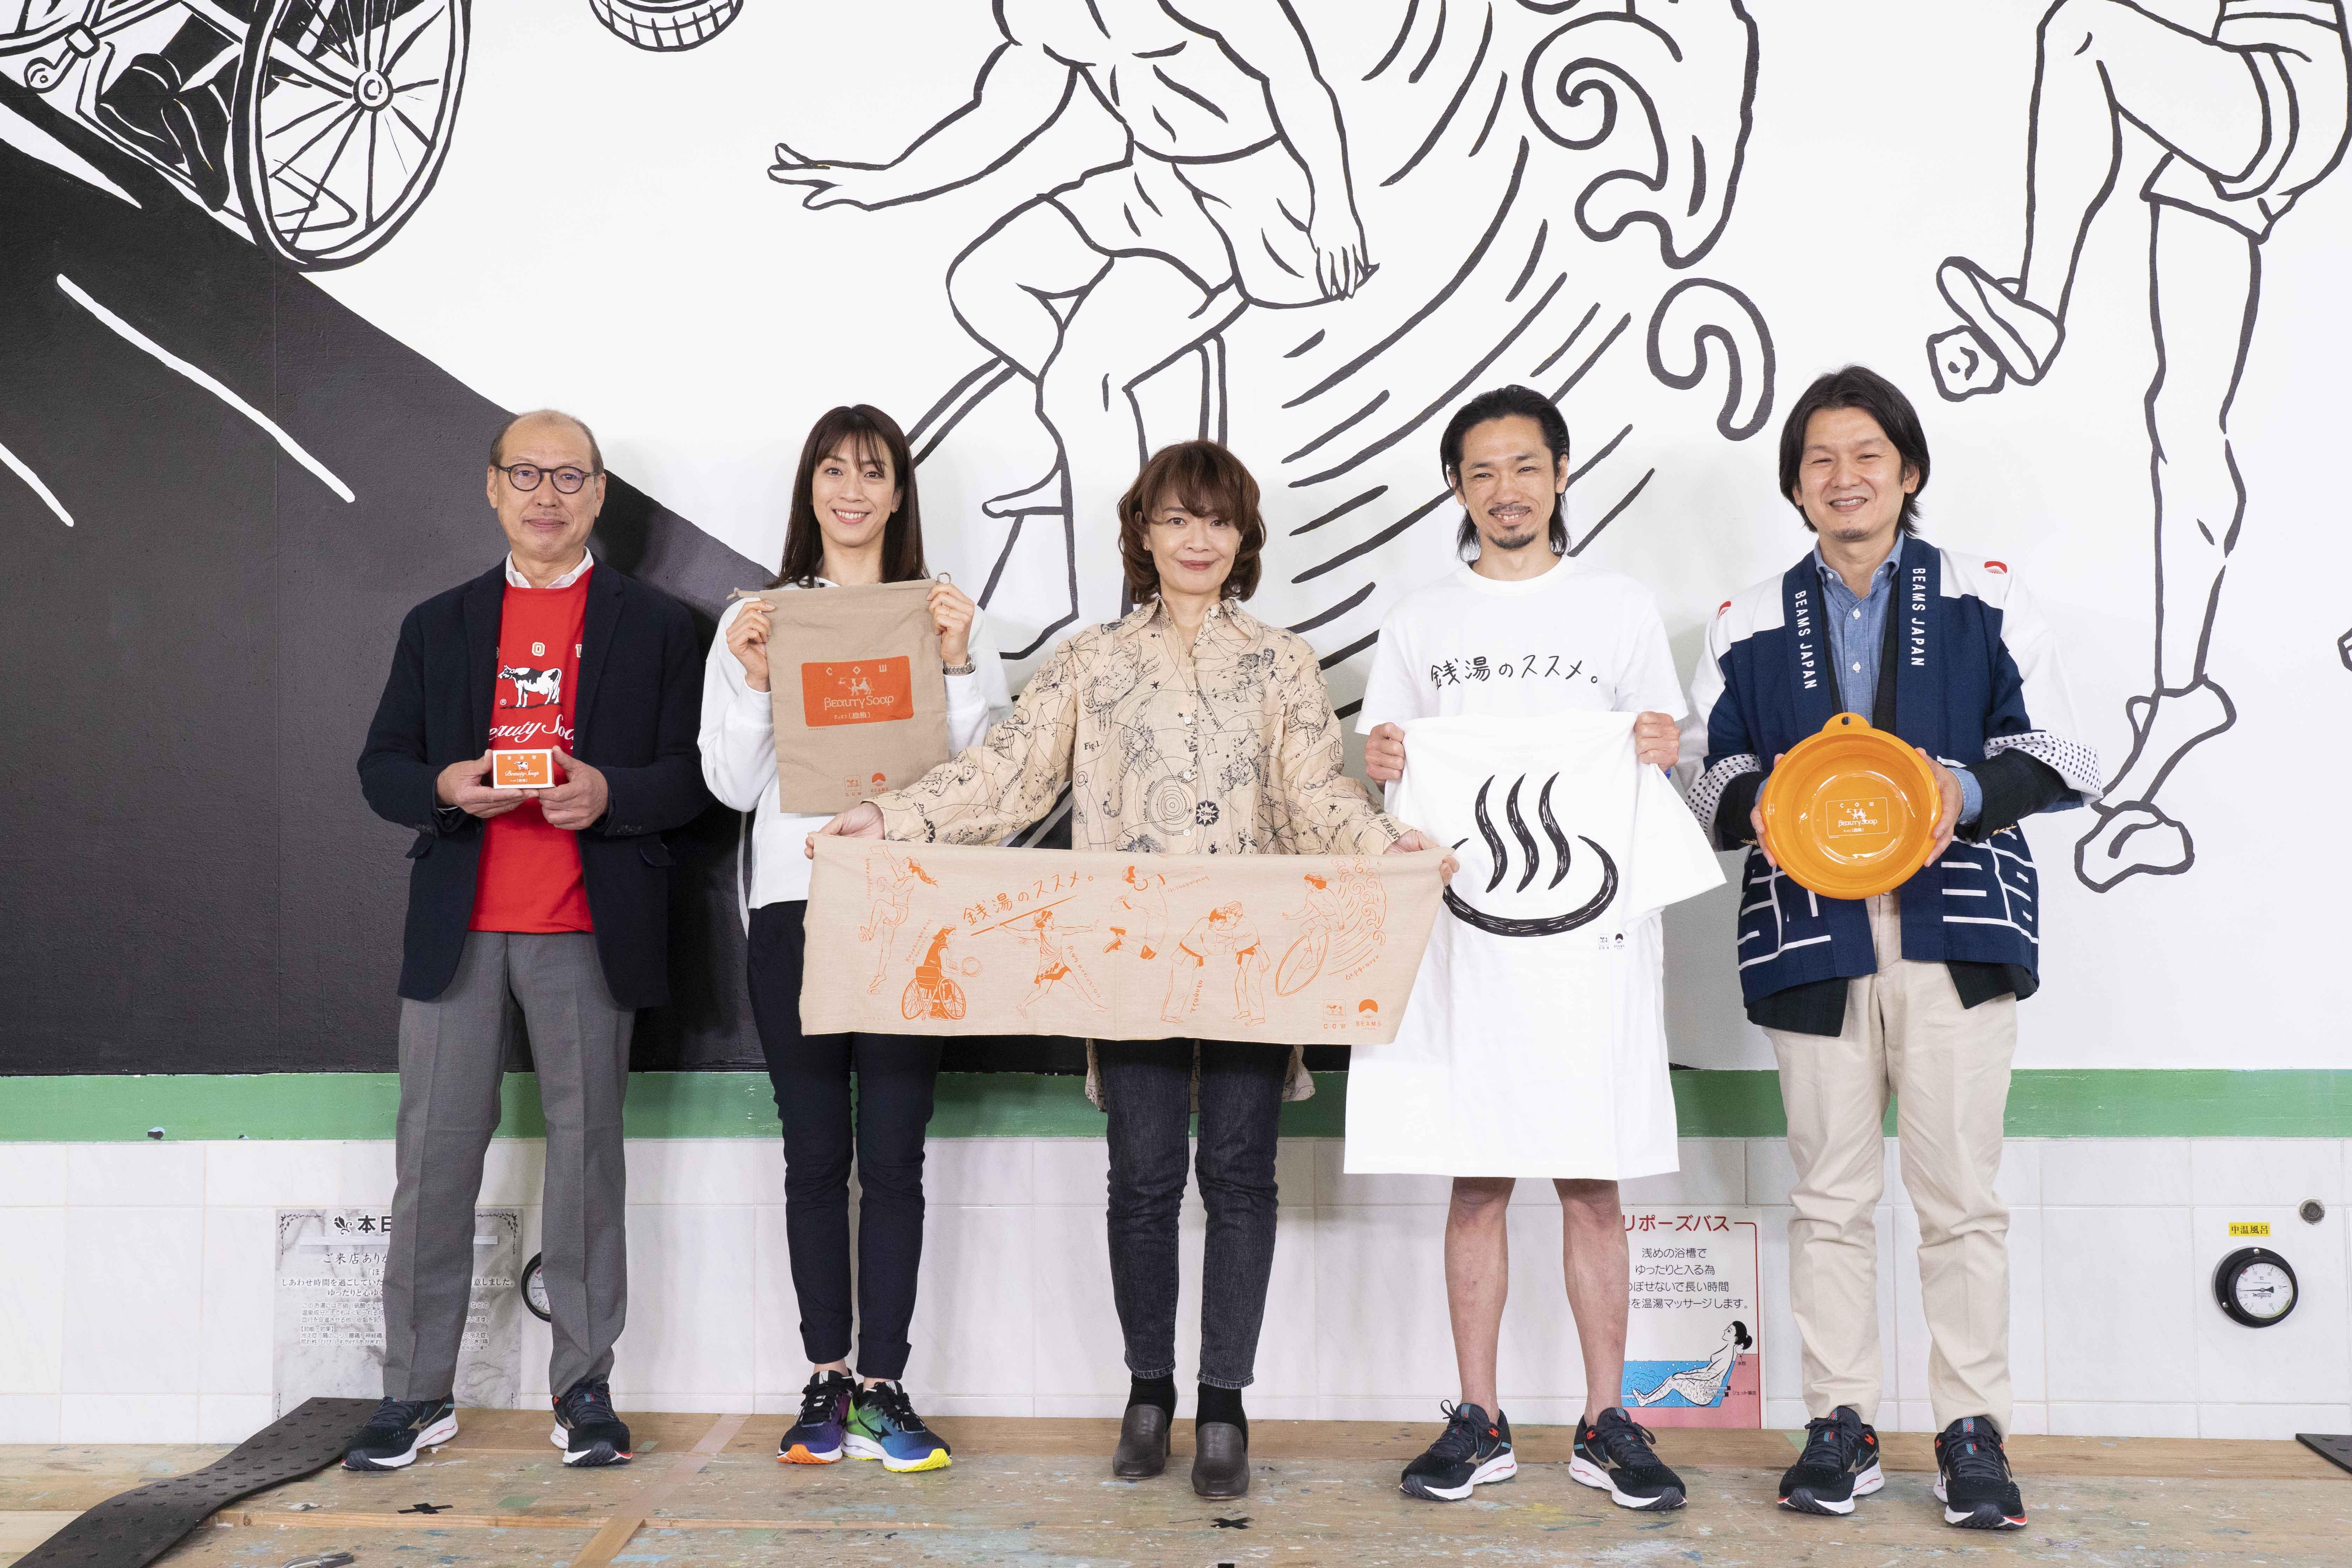 牛乳石鹸 × BEAMS JAPAN「銭湯のススメ。2021」 (2)